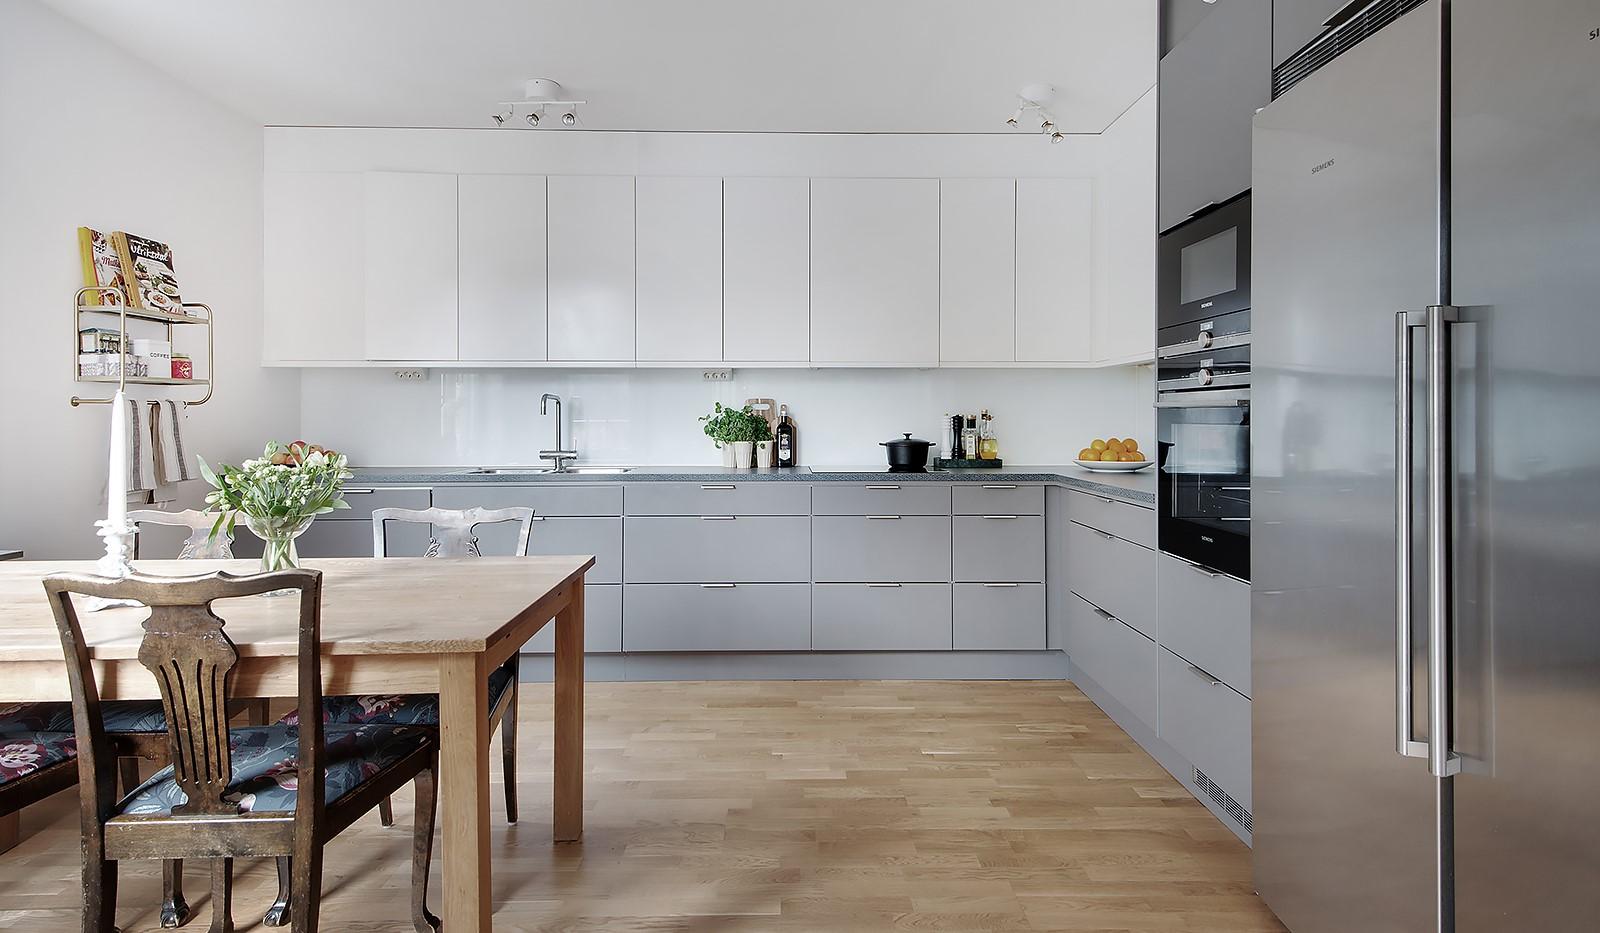 Årgångsgatan 5, 5 tr - Snyggt och stilrent kök med fina färgval